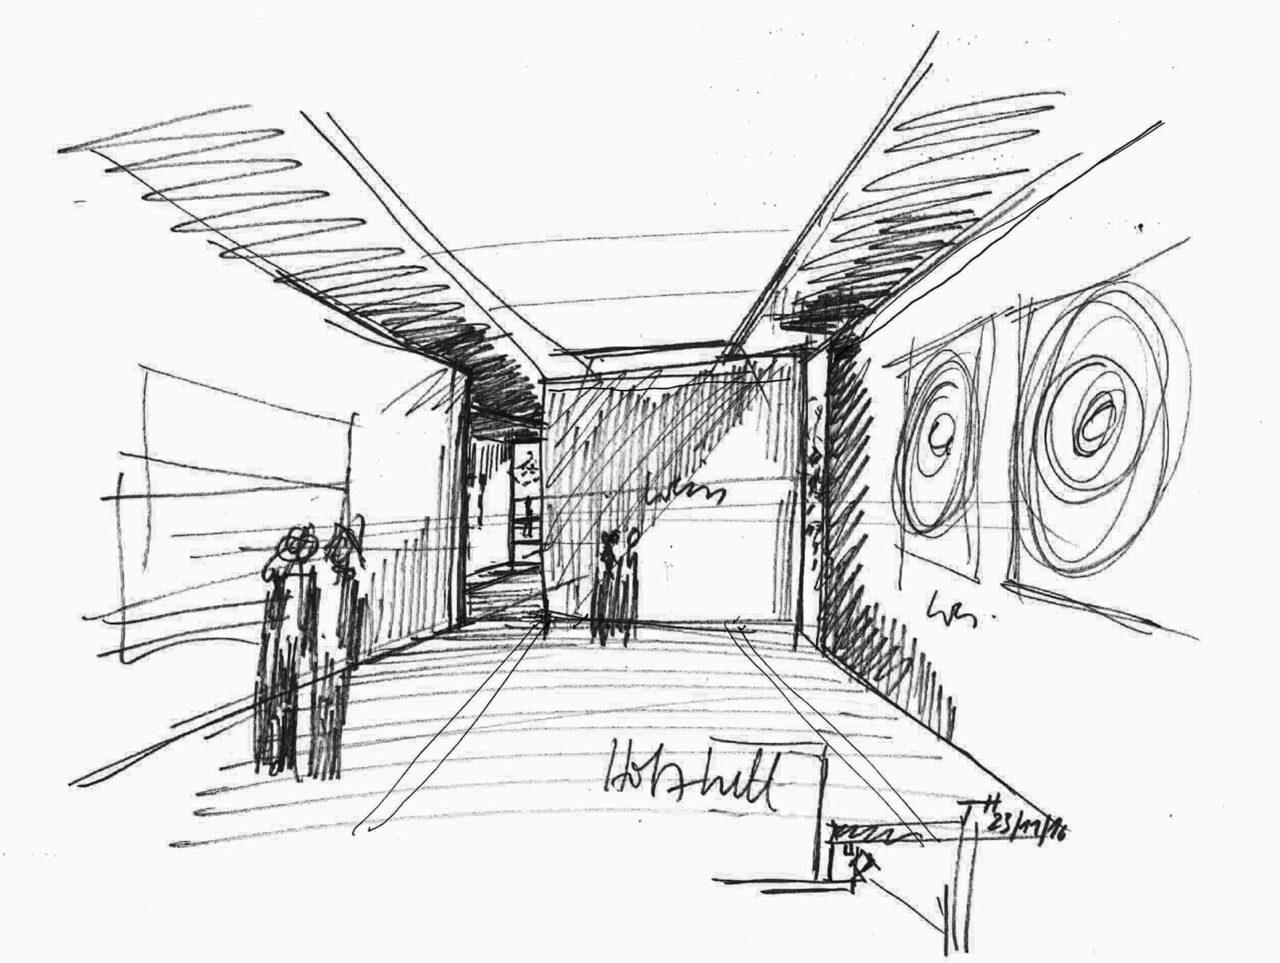 Museum Quadrat Bottrop Bestand und Neubau Museumserweiterung Skizze Innenperspektive